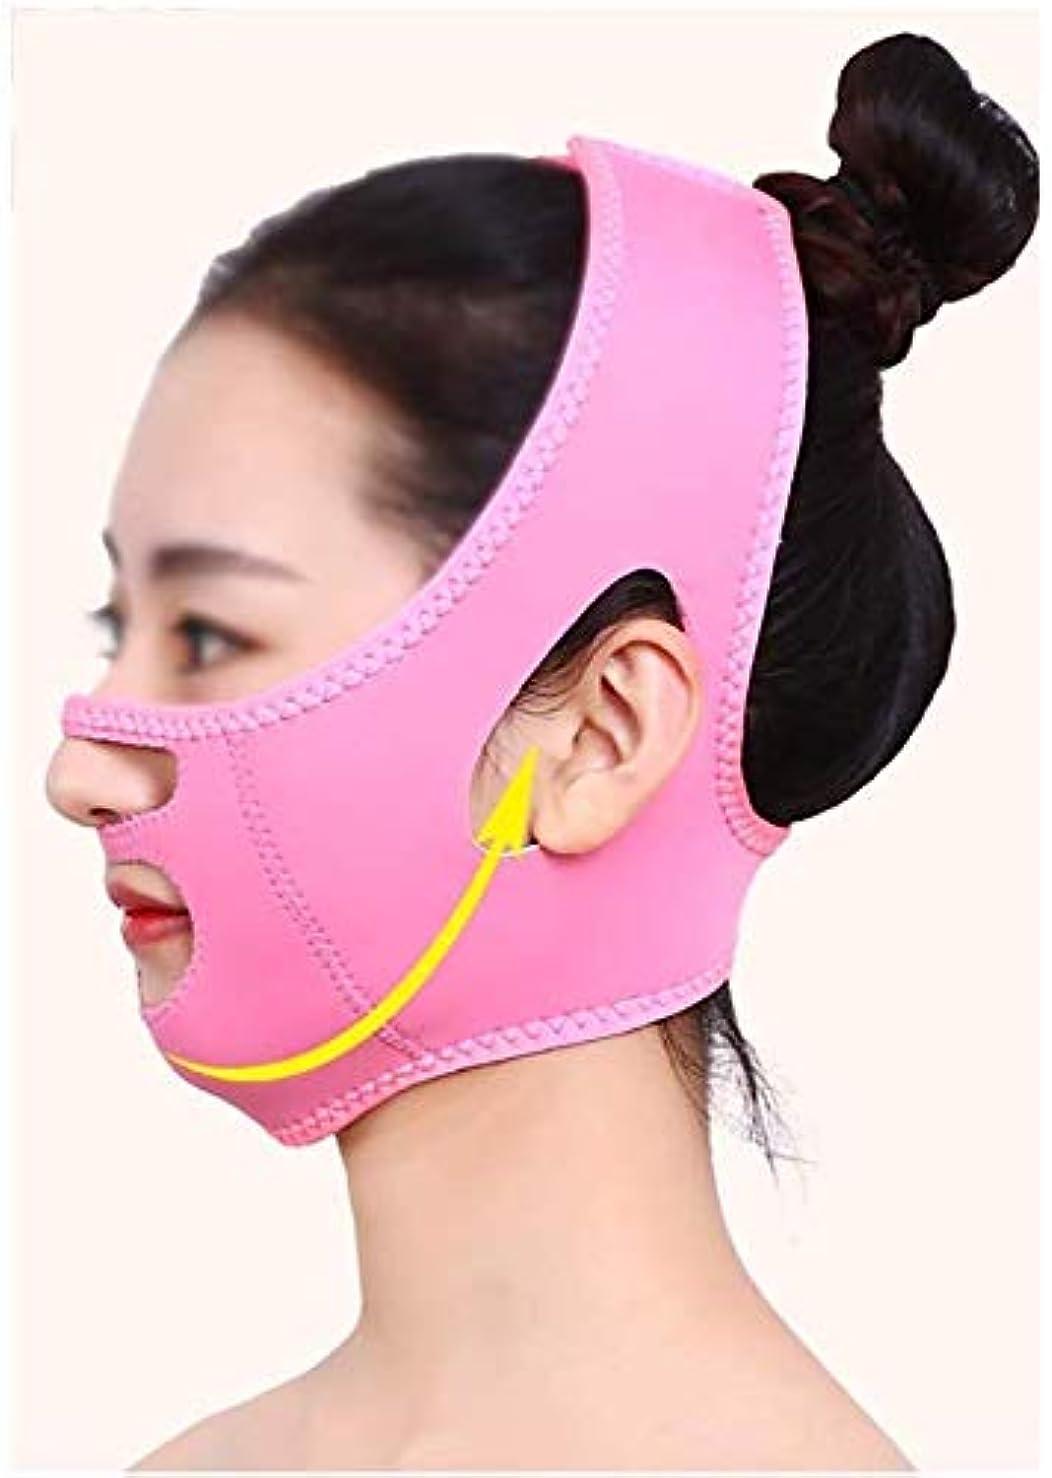 セントサイトラインの中で美容と実用的なフェイスリフトマスク、フェイシャルマスク薄い顔マシン美容器具ローラー顔面薄い顔Vフェイスマスクダブルあご包帯アーティファクト